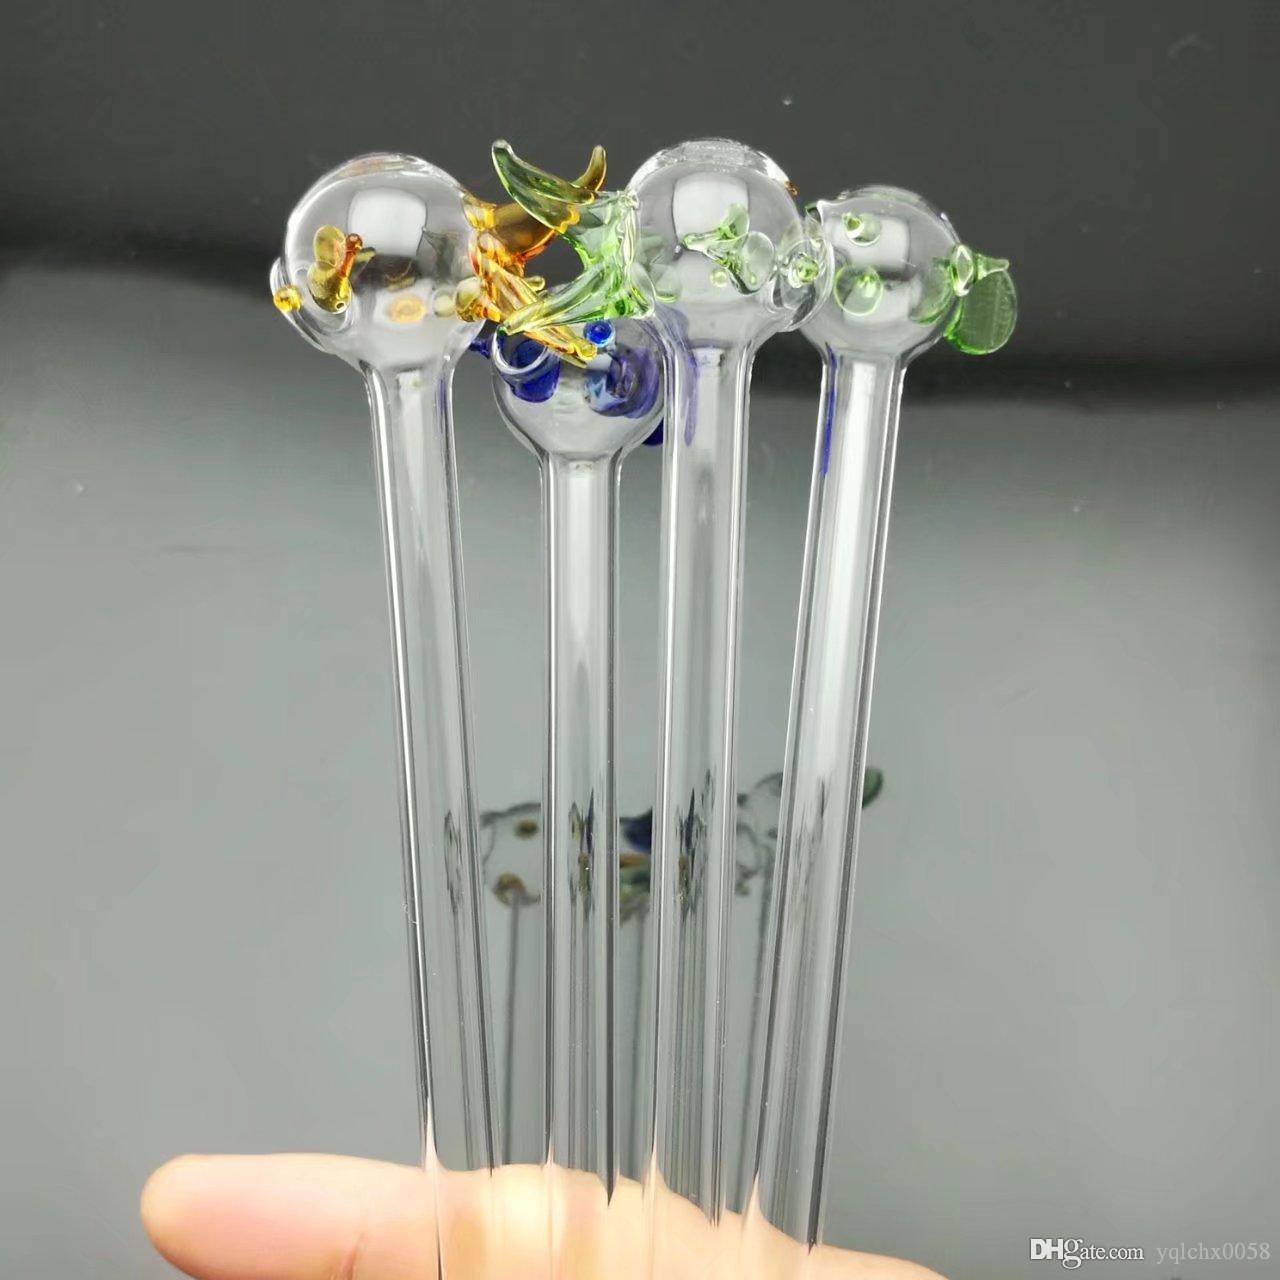 petit meunier de poissons colorés bongs gros brûleur à huile en verre Pipes d'eau Pipe en verre huile fumante Rigs, Livraison gratuite